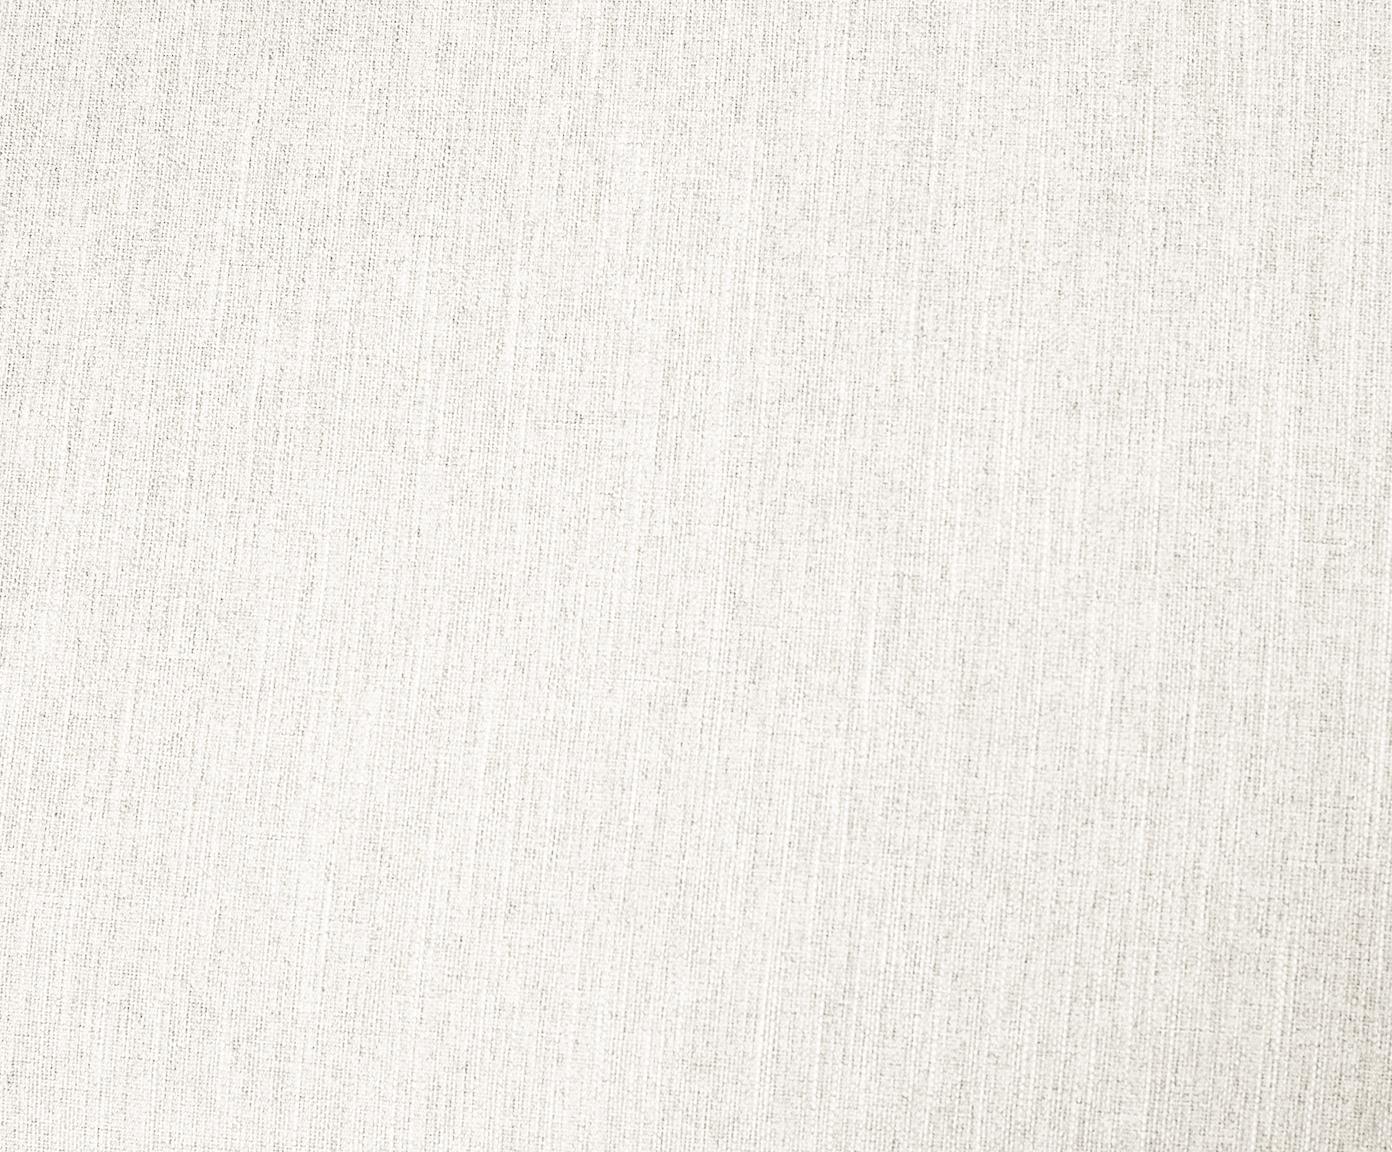 Sofa narożna Melva (4-osobowa), Tapicerka: poliester 35000 cykli w , Stelaż: lite drewno sosnowe, płyt, Nogi: drewno sosnowe, Beżowy, S 319 x G 144 cm